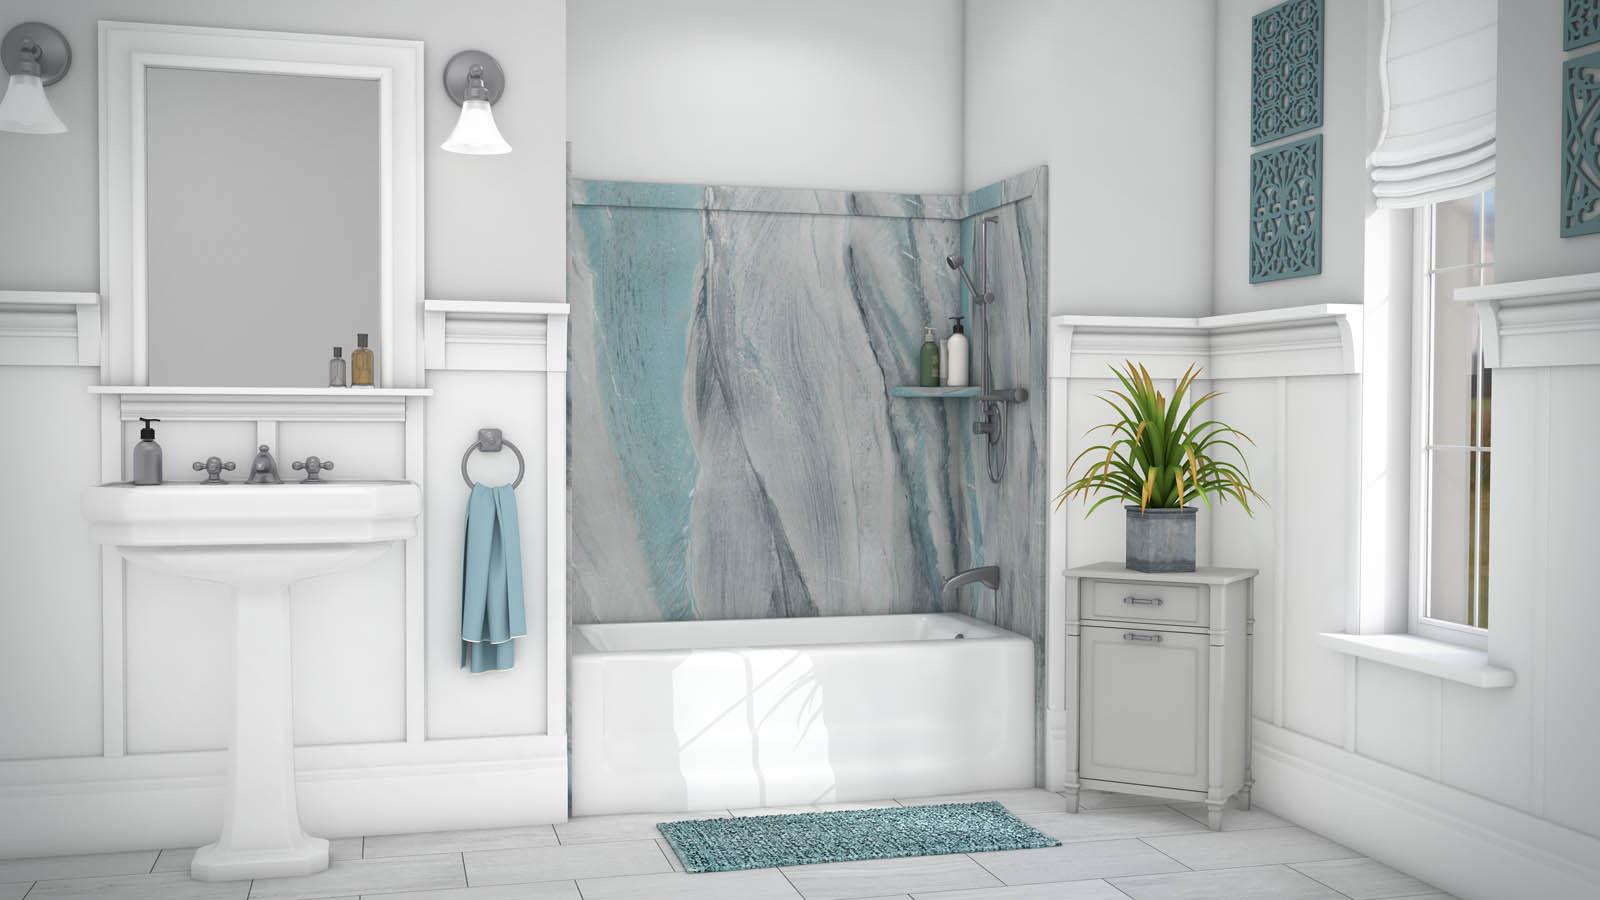 Bathroom Tub Wall Board